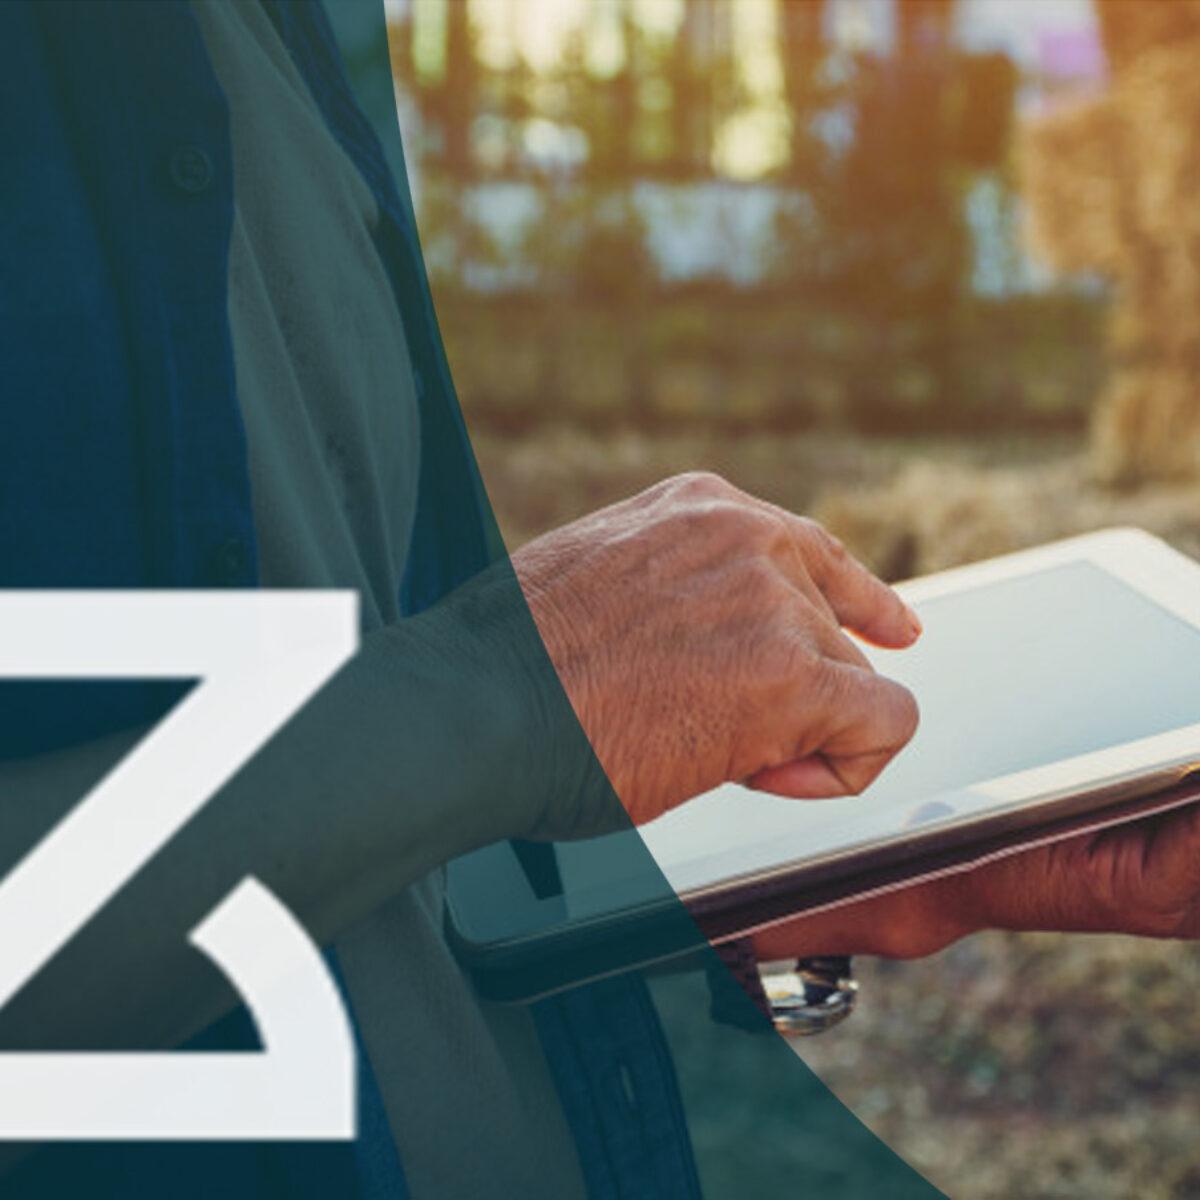 foto-produtor-tablet-tecnologia-dados-informação